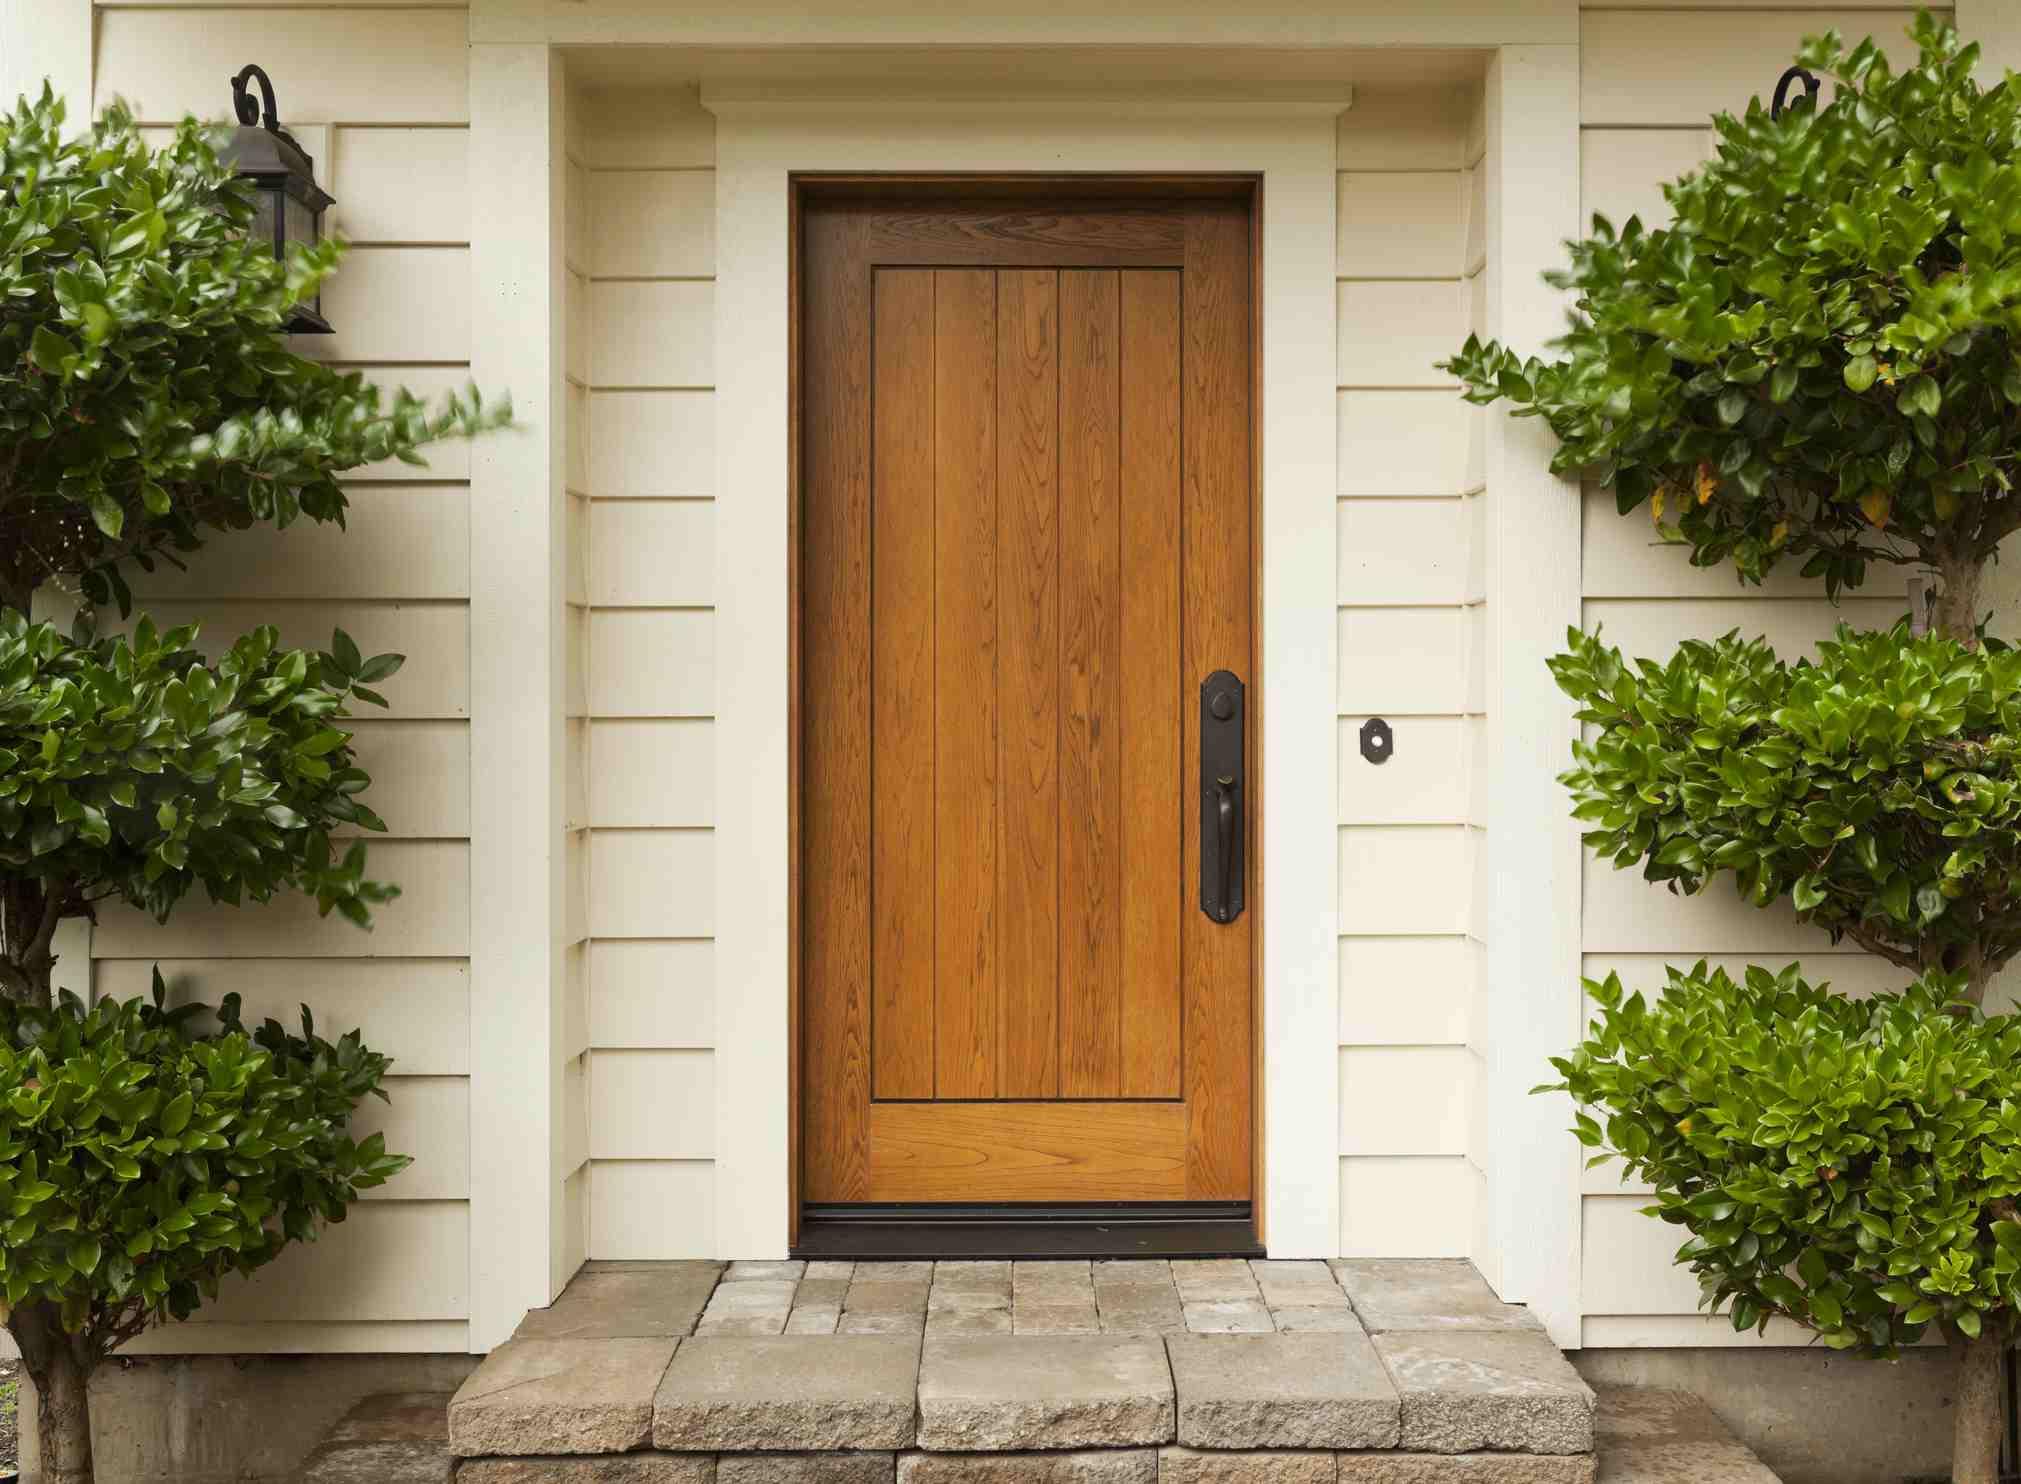 Image of a Front Door